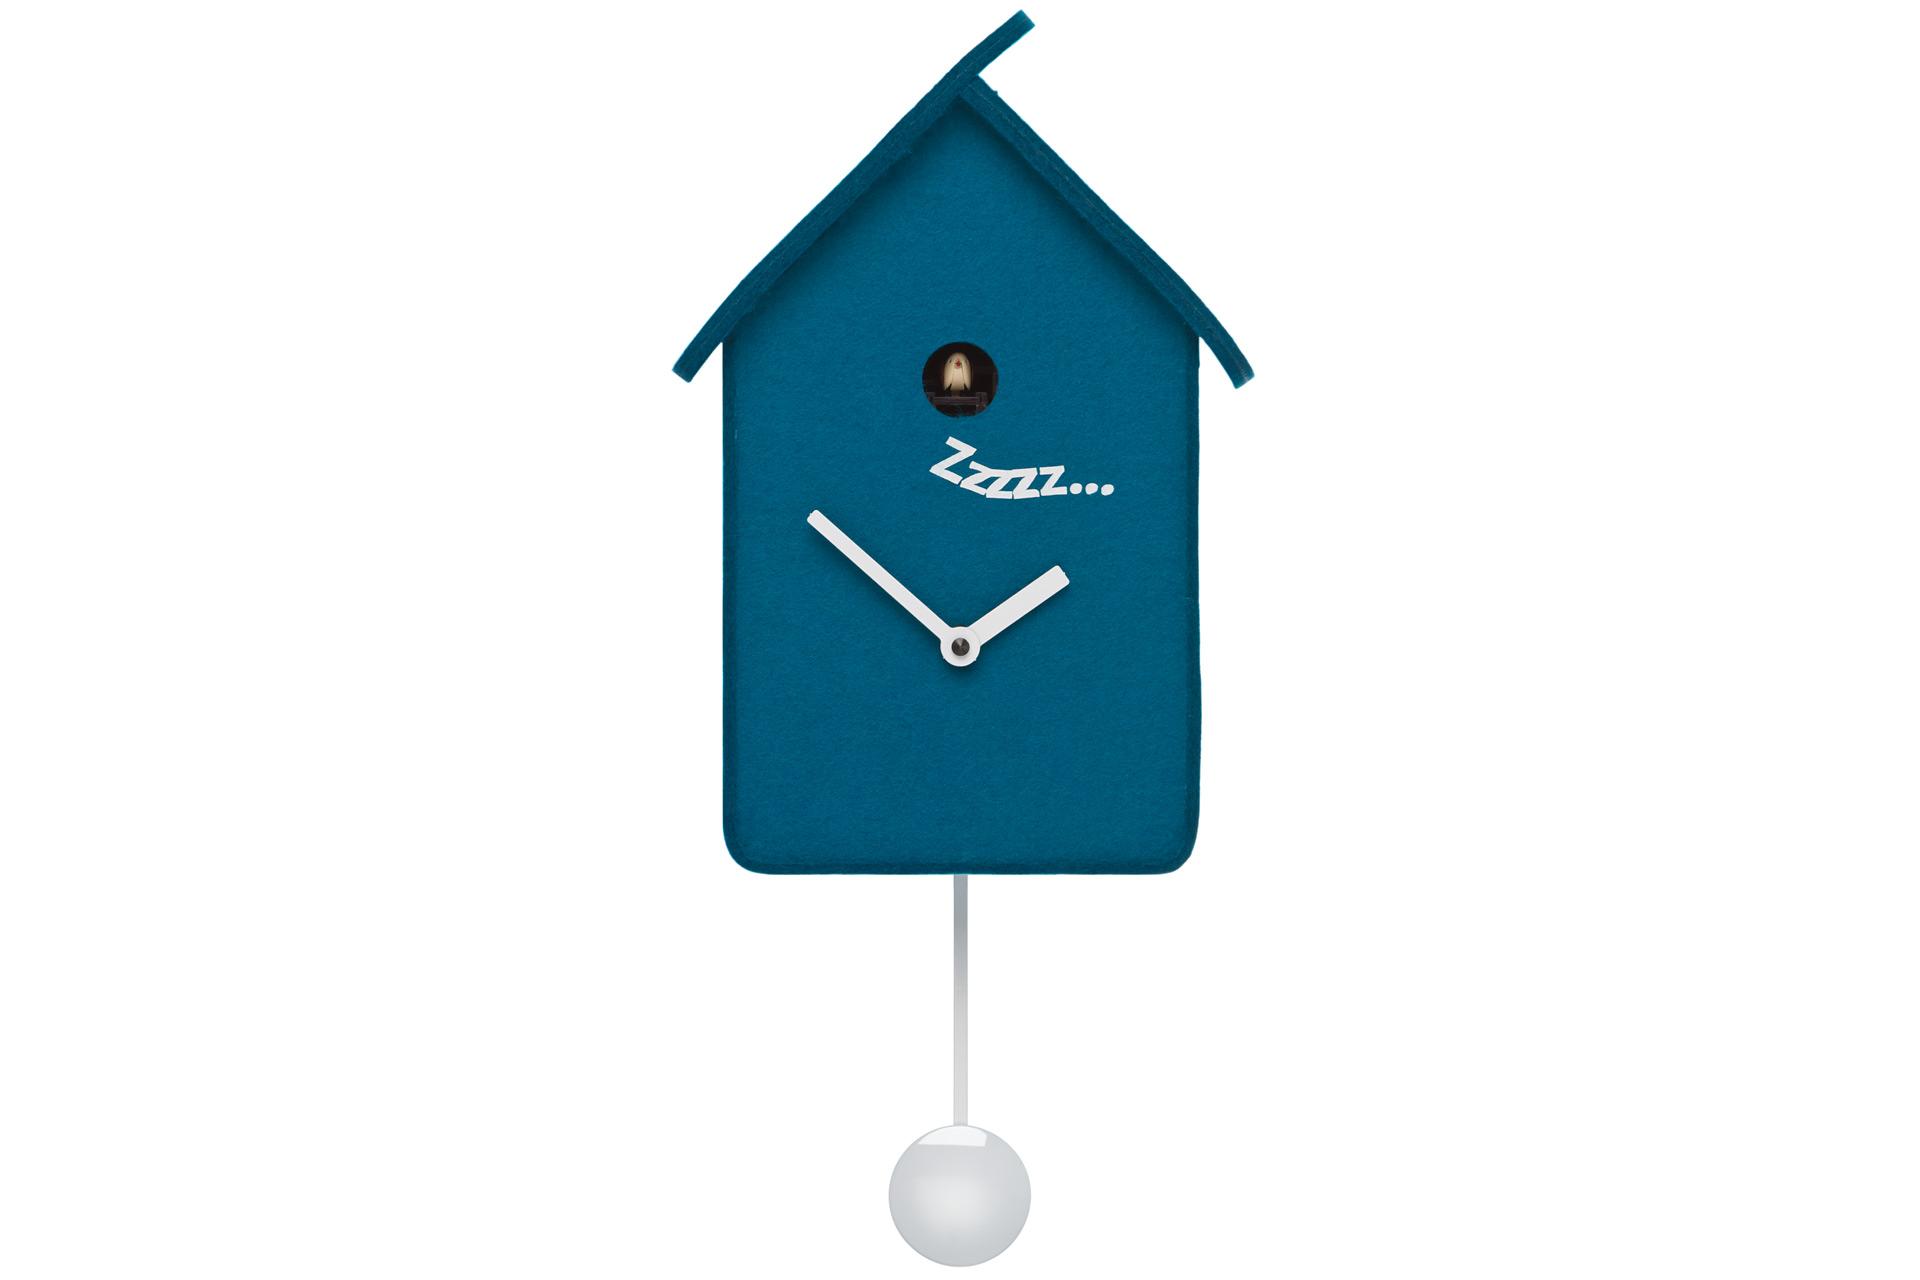 Часы Softy от Roomble